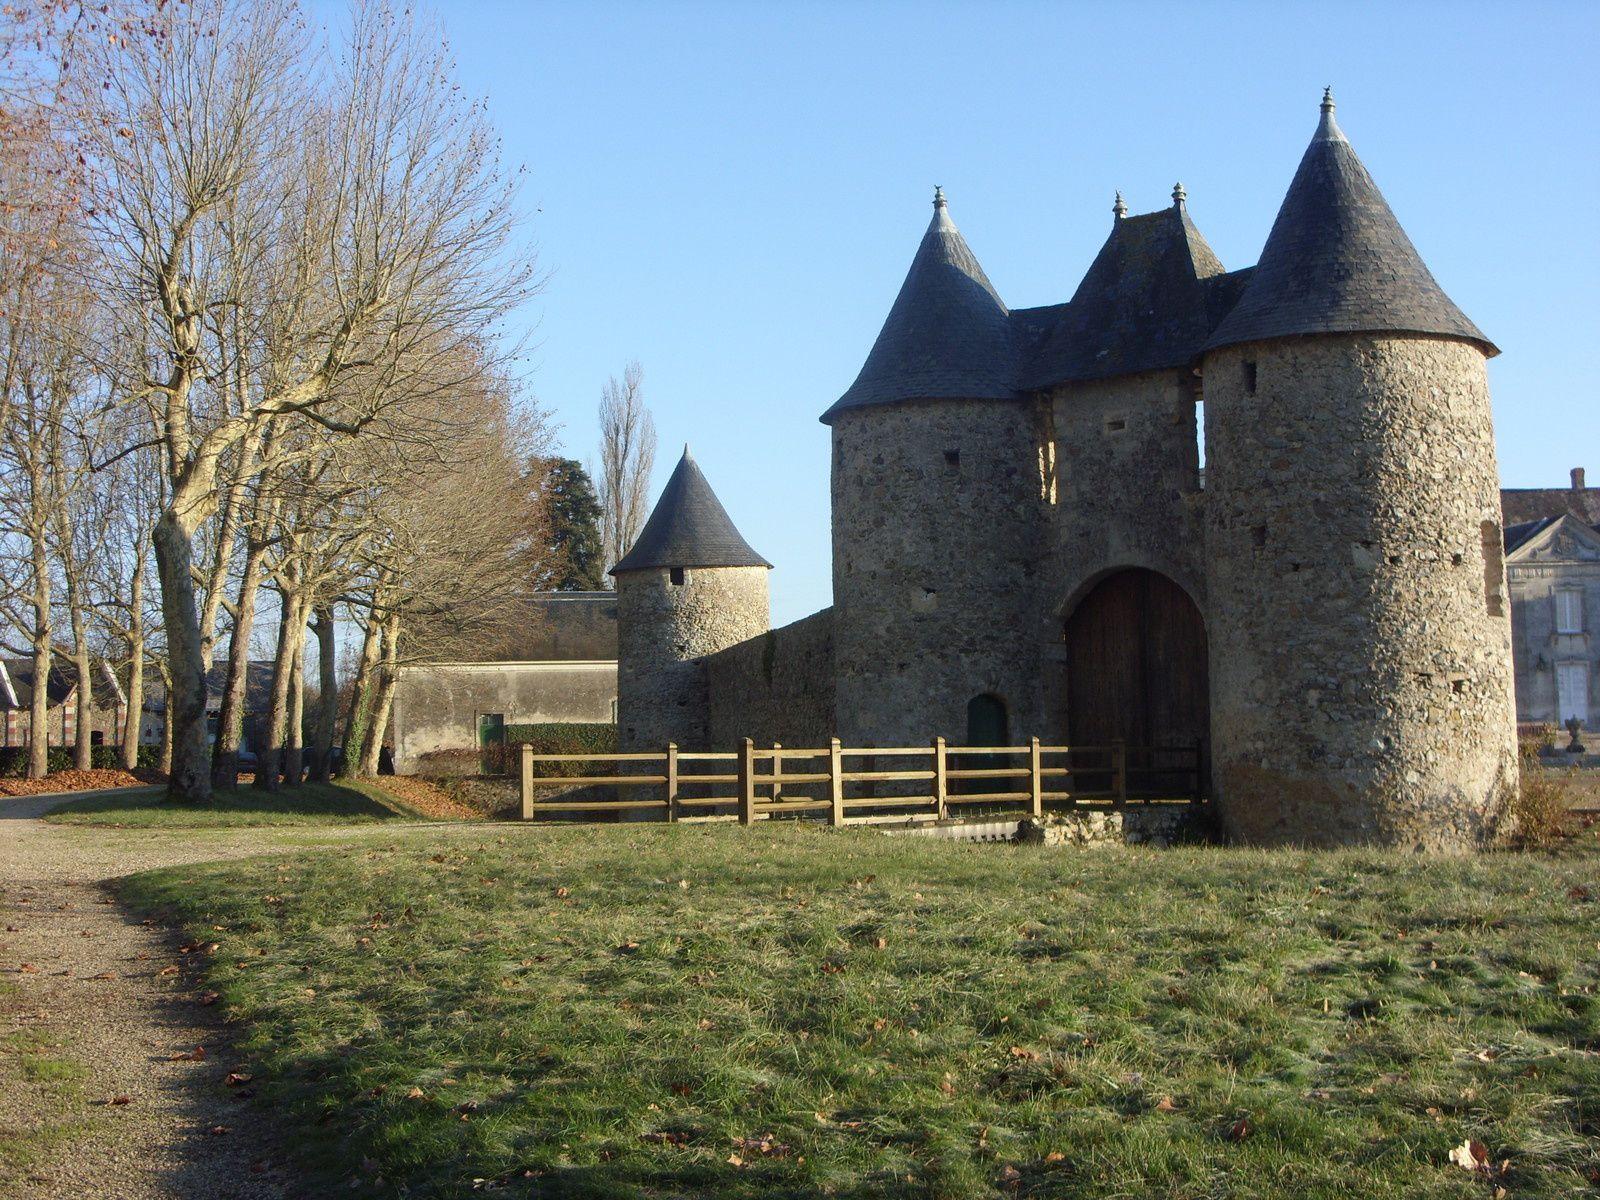 """Circuit vélo """"Entre châteaux, caves et tuffeau"""" - Crédit photos : Laurence Lemoine, J-S Evrard"""